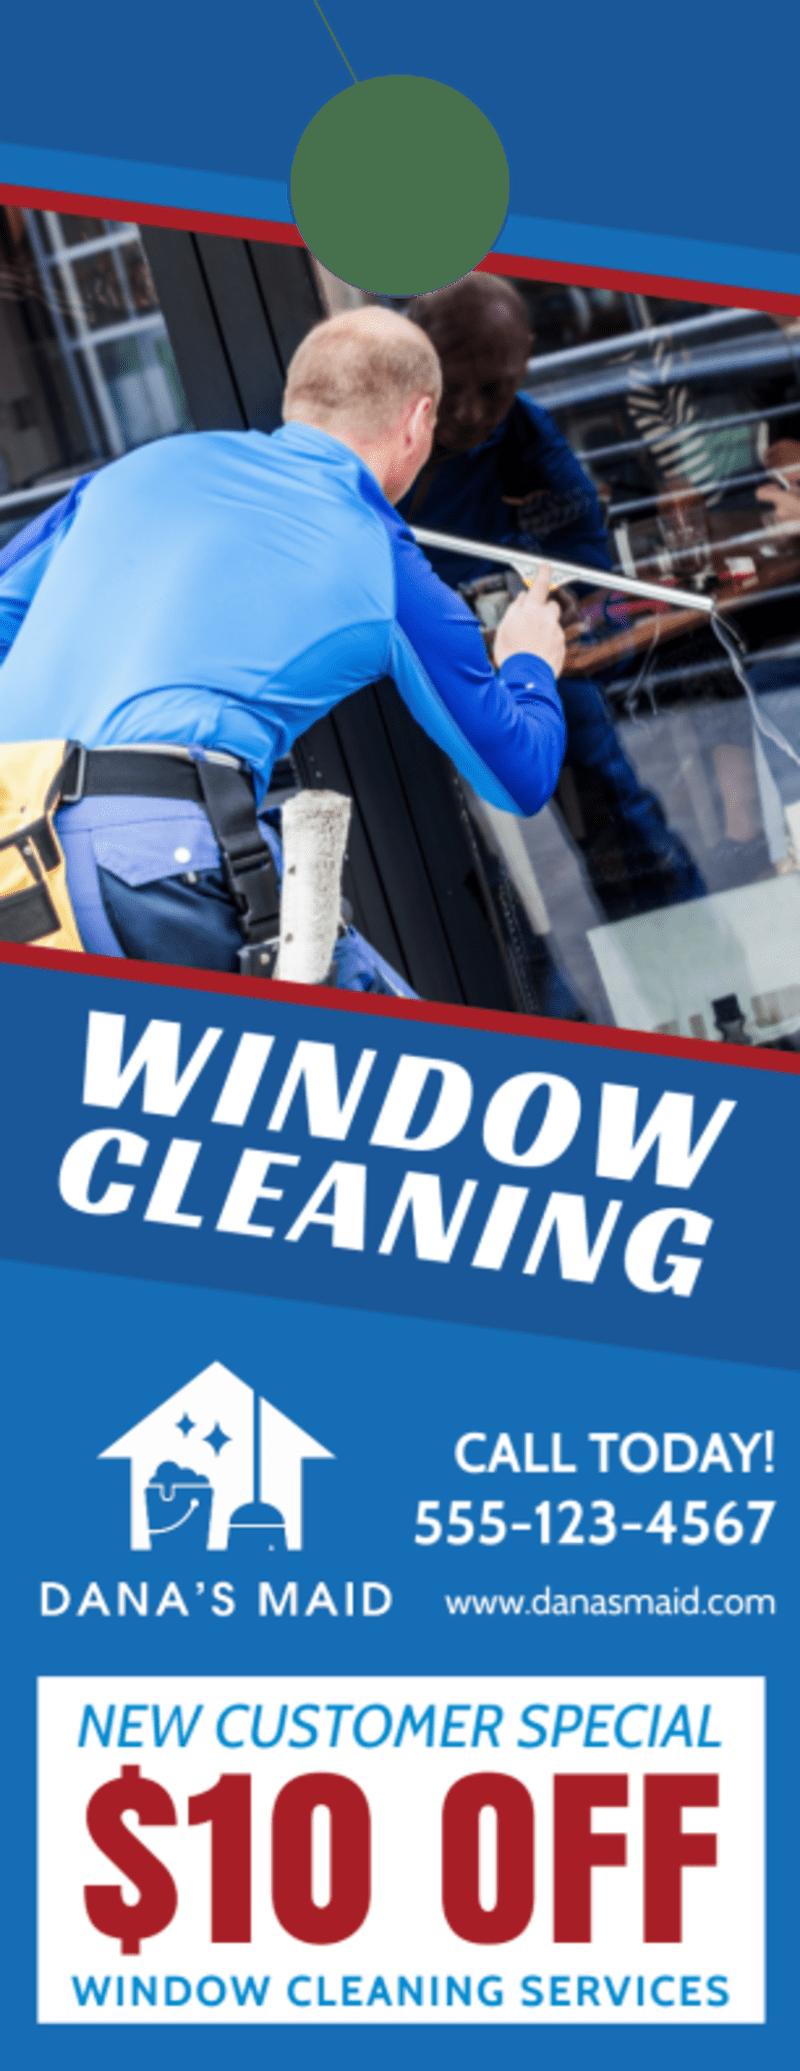 Special Window Cleaning Door Hanger Template Preview 2